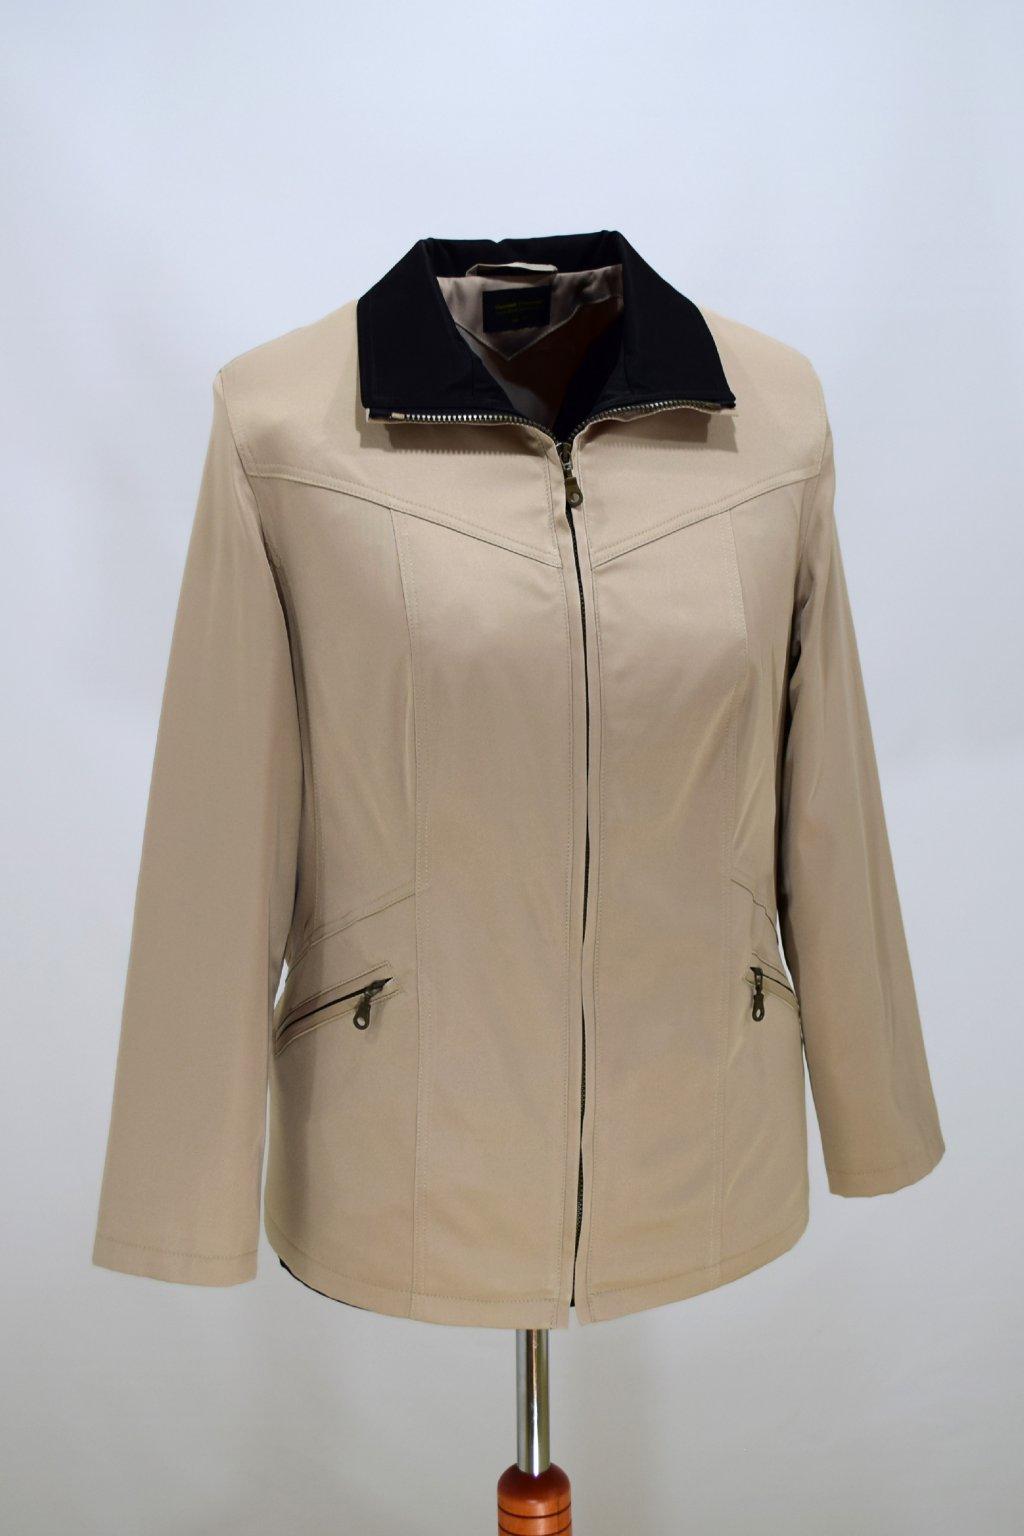 Dámská béžová jarní bunda Ema nadměrné velikosti.